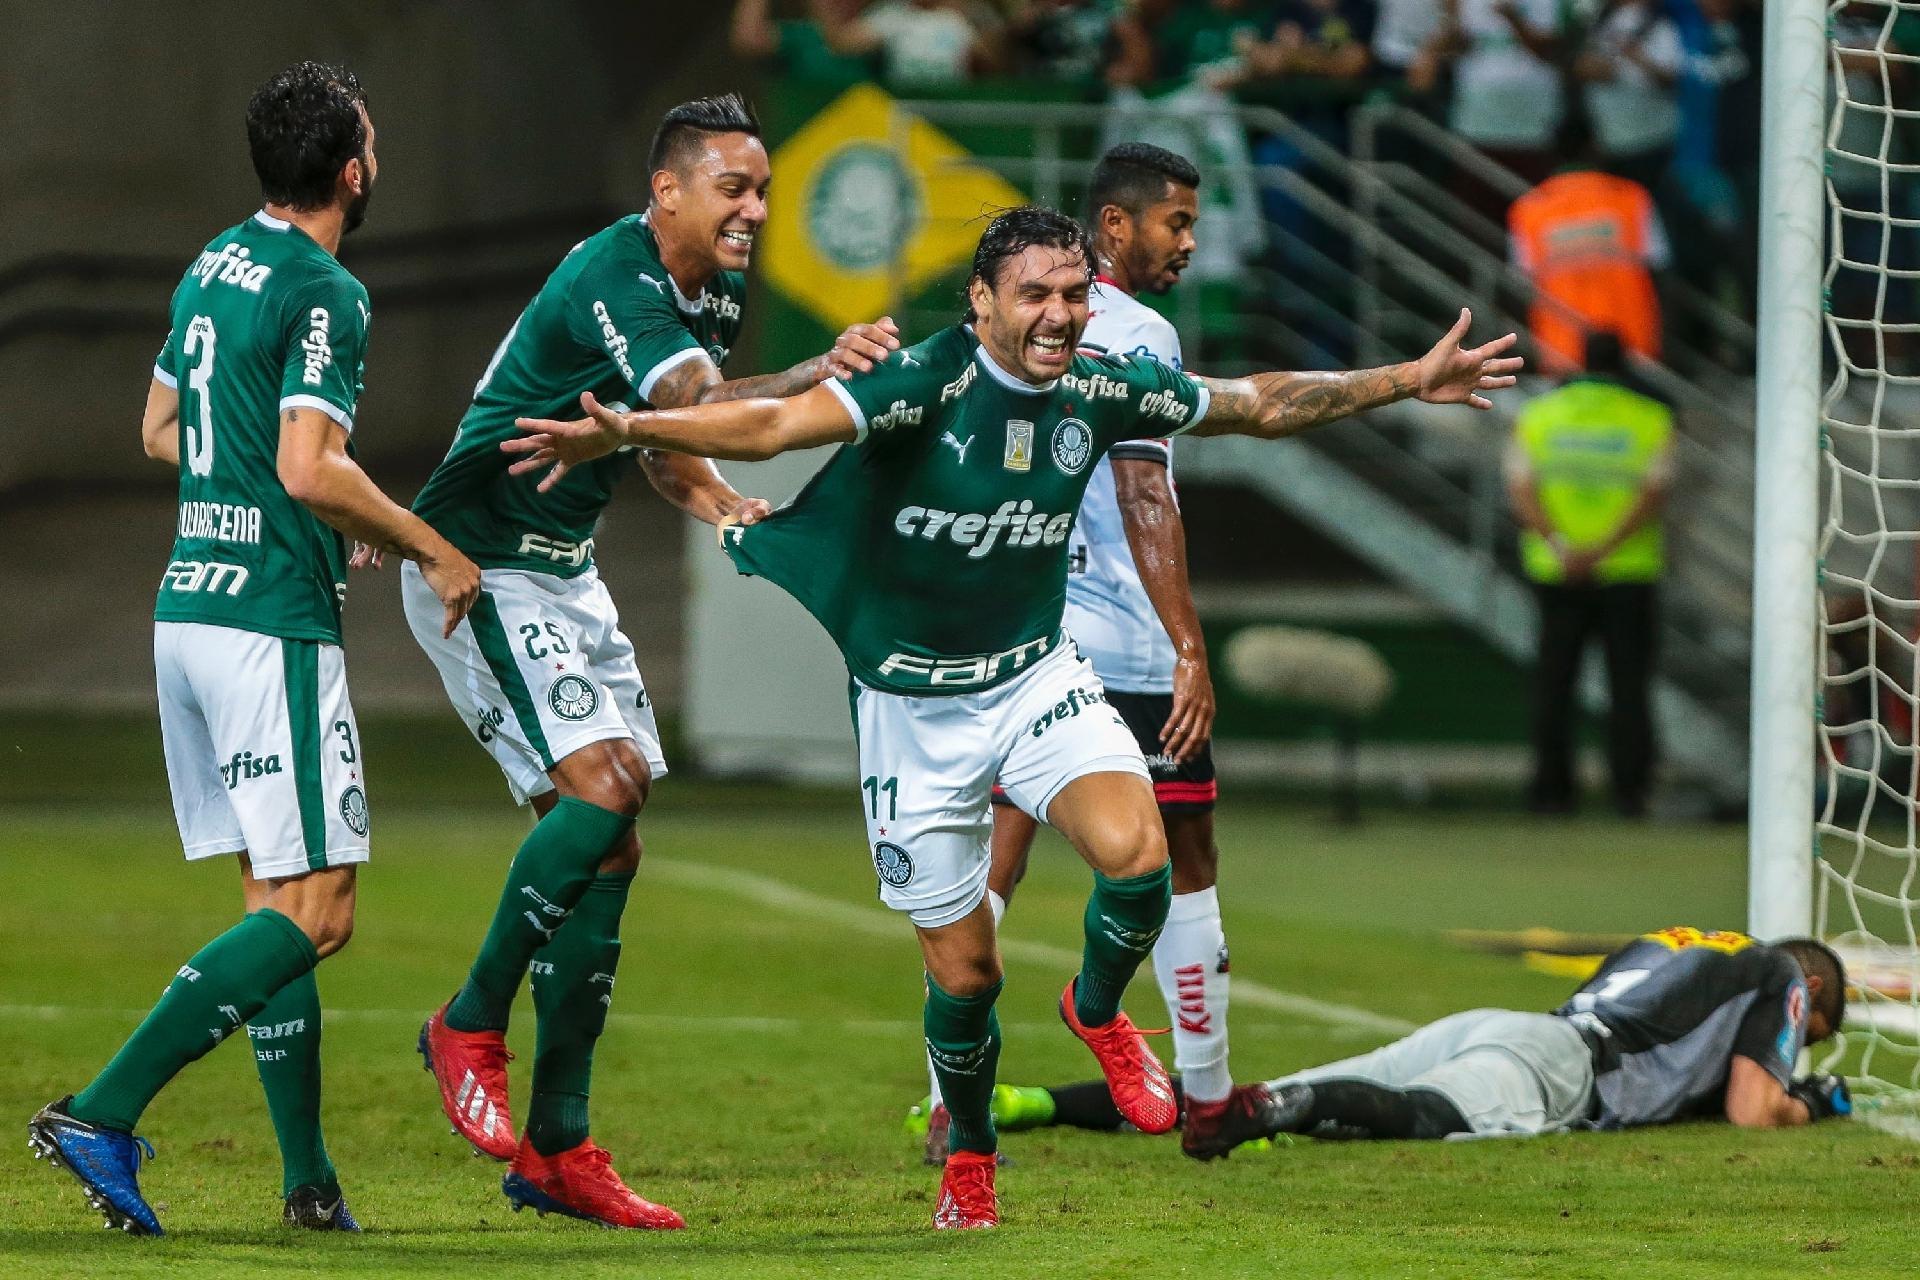 064640d7030bb Palmeiras vence Ituano com show de Ricardo Goulart e gol de Borja - 27 02  2019 - UOL Esporte